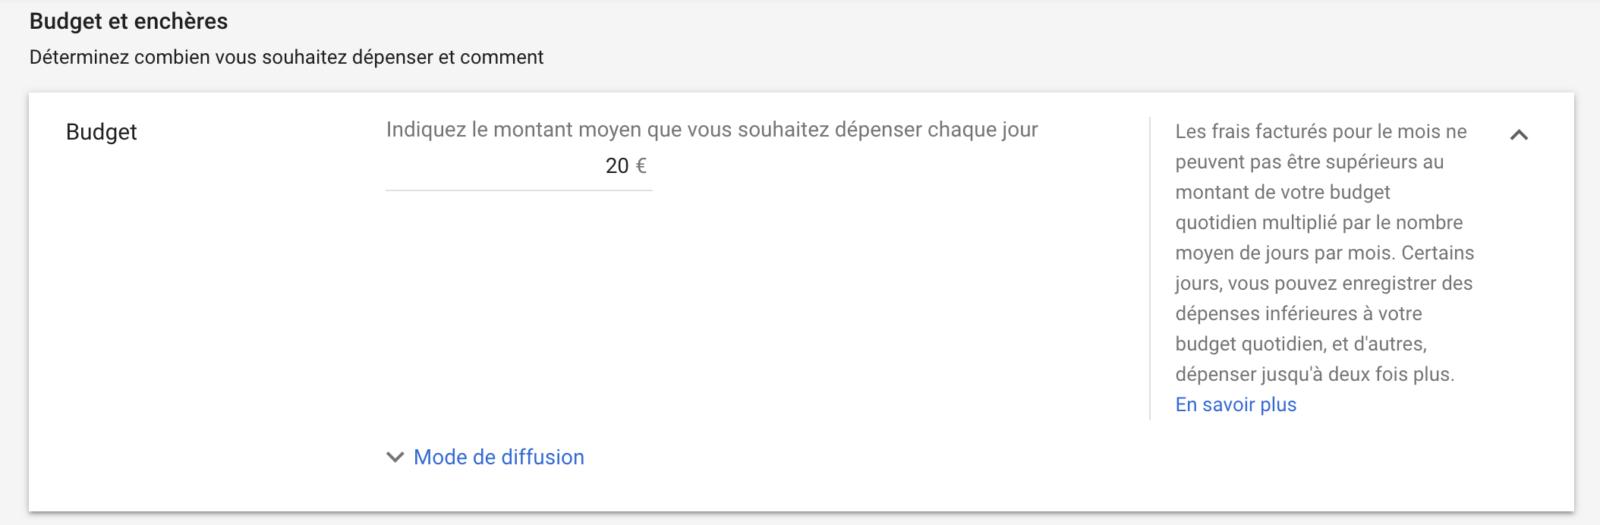 Budget et enchères de Google Adwords